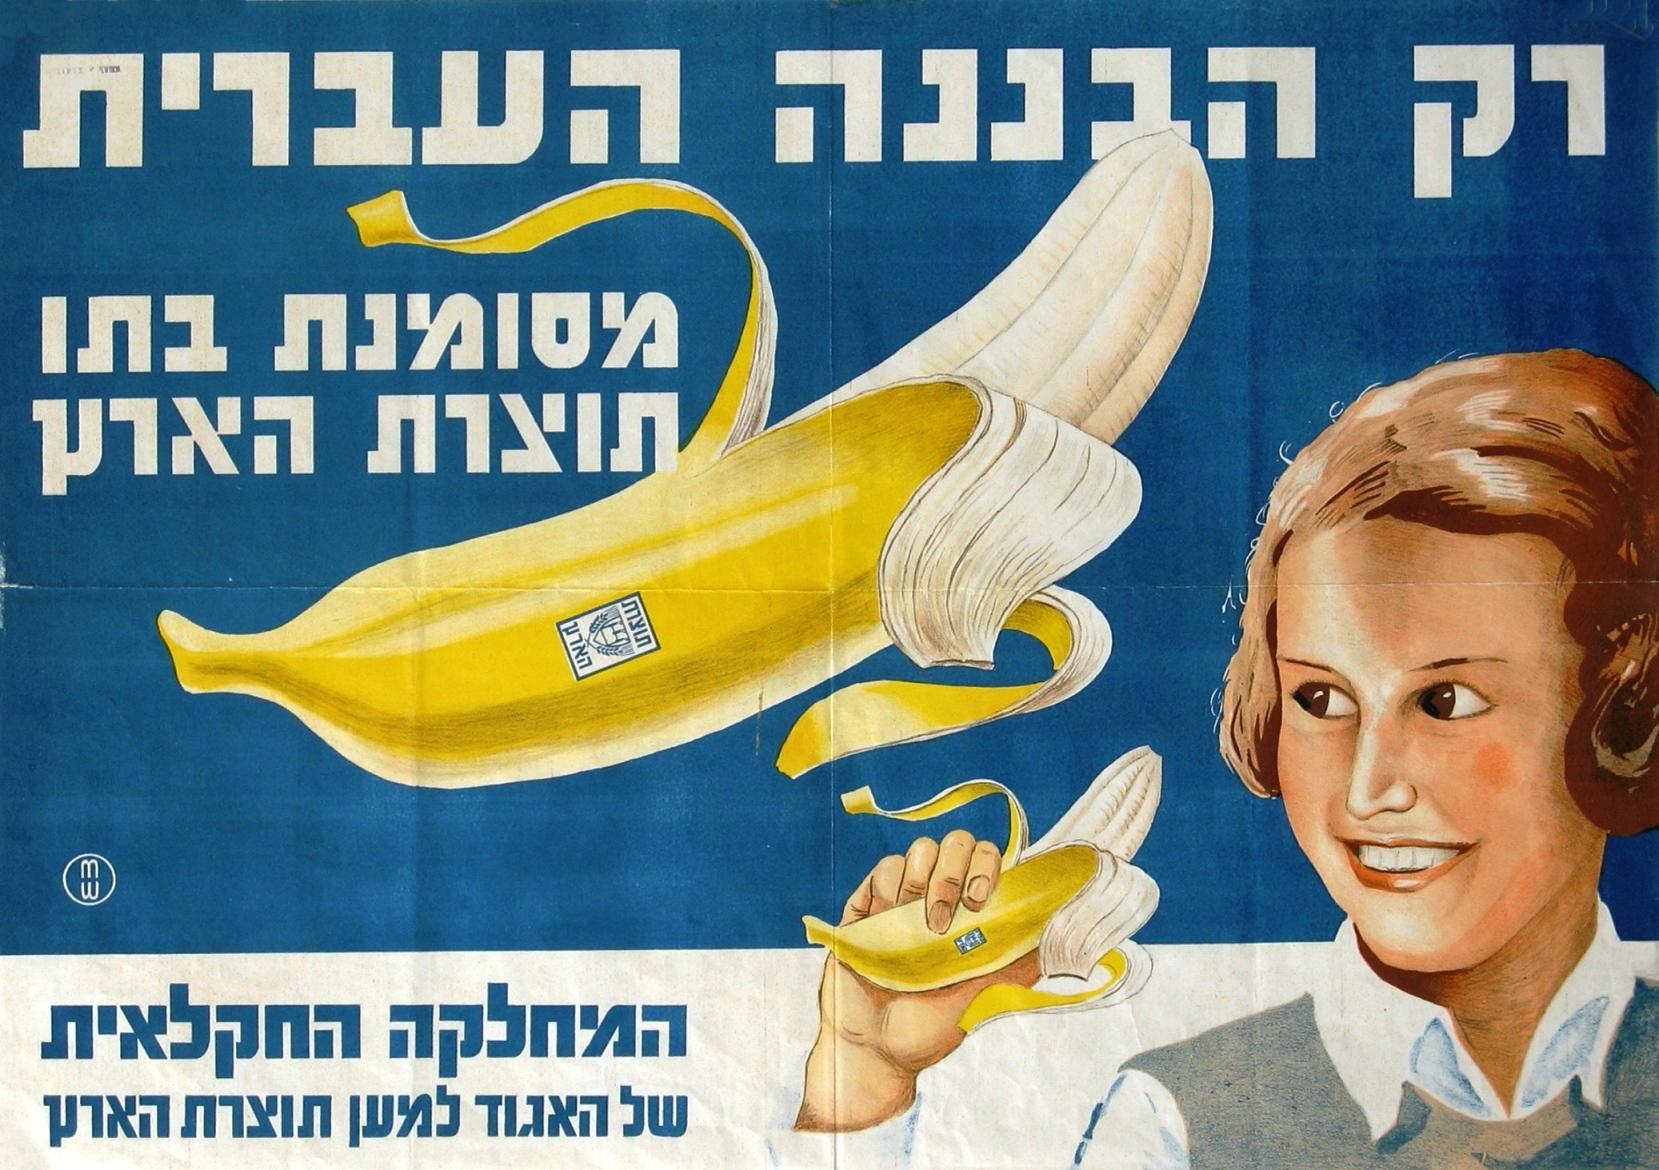 הבננה העברית מתערוכת הפרסומות בתפן (צילום: אוטה וליש מאוסף ערי וליש)